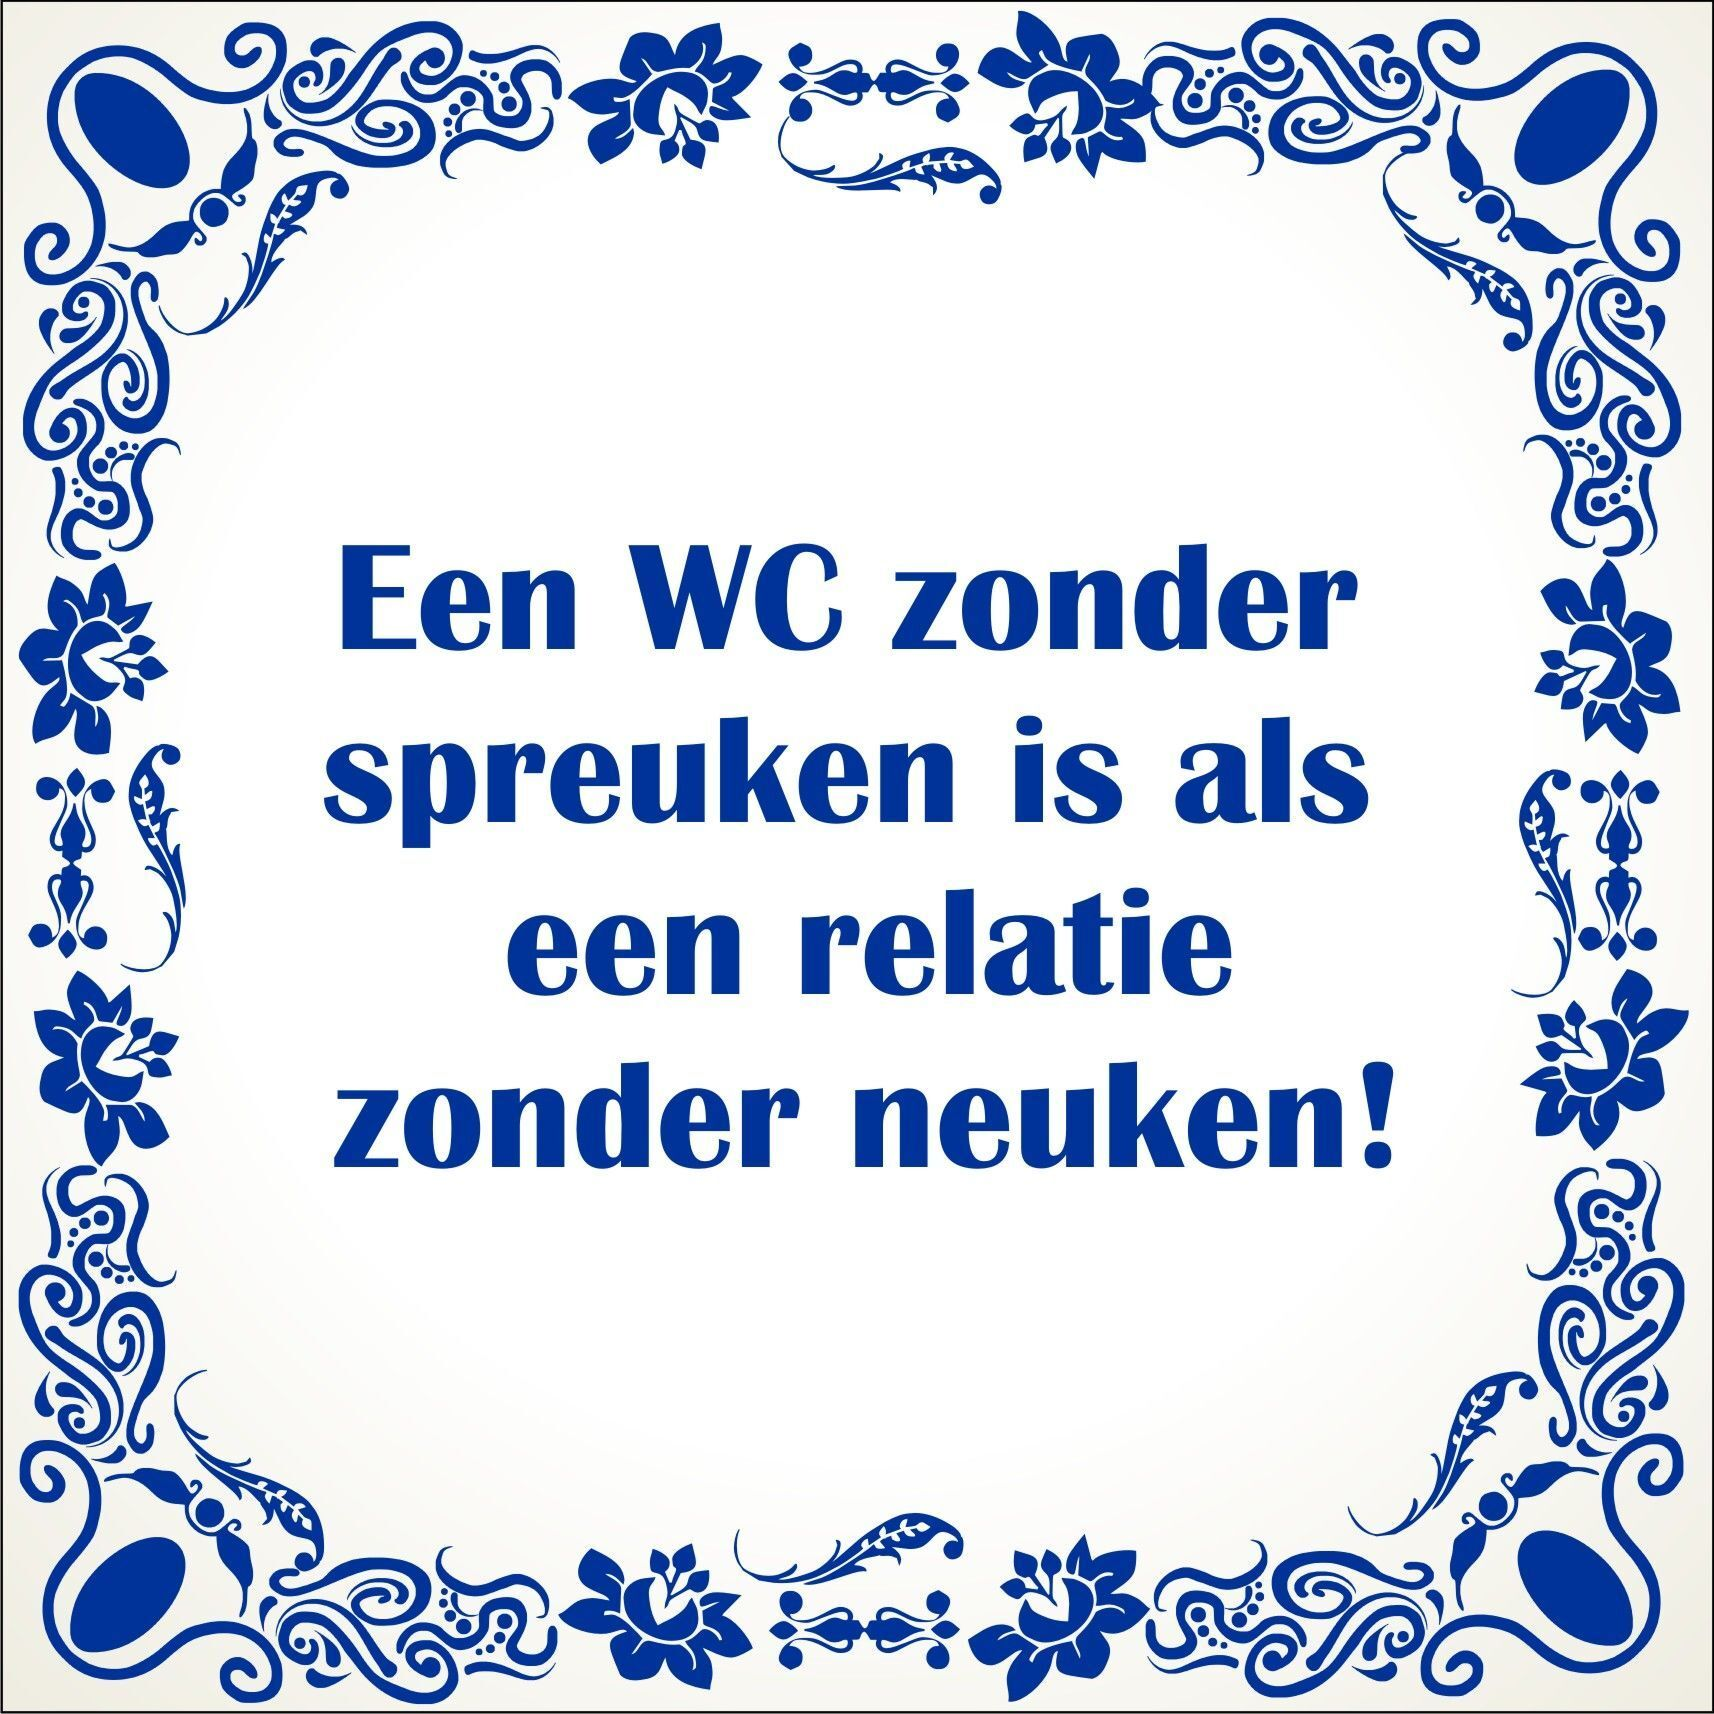 gratis datingsite zonder kosten Venlo